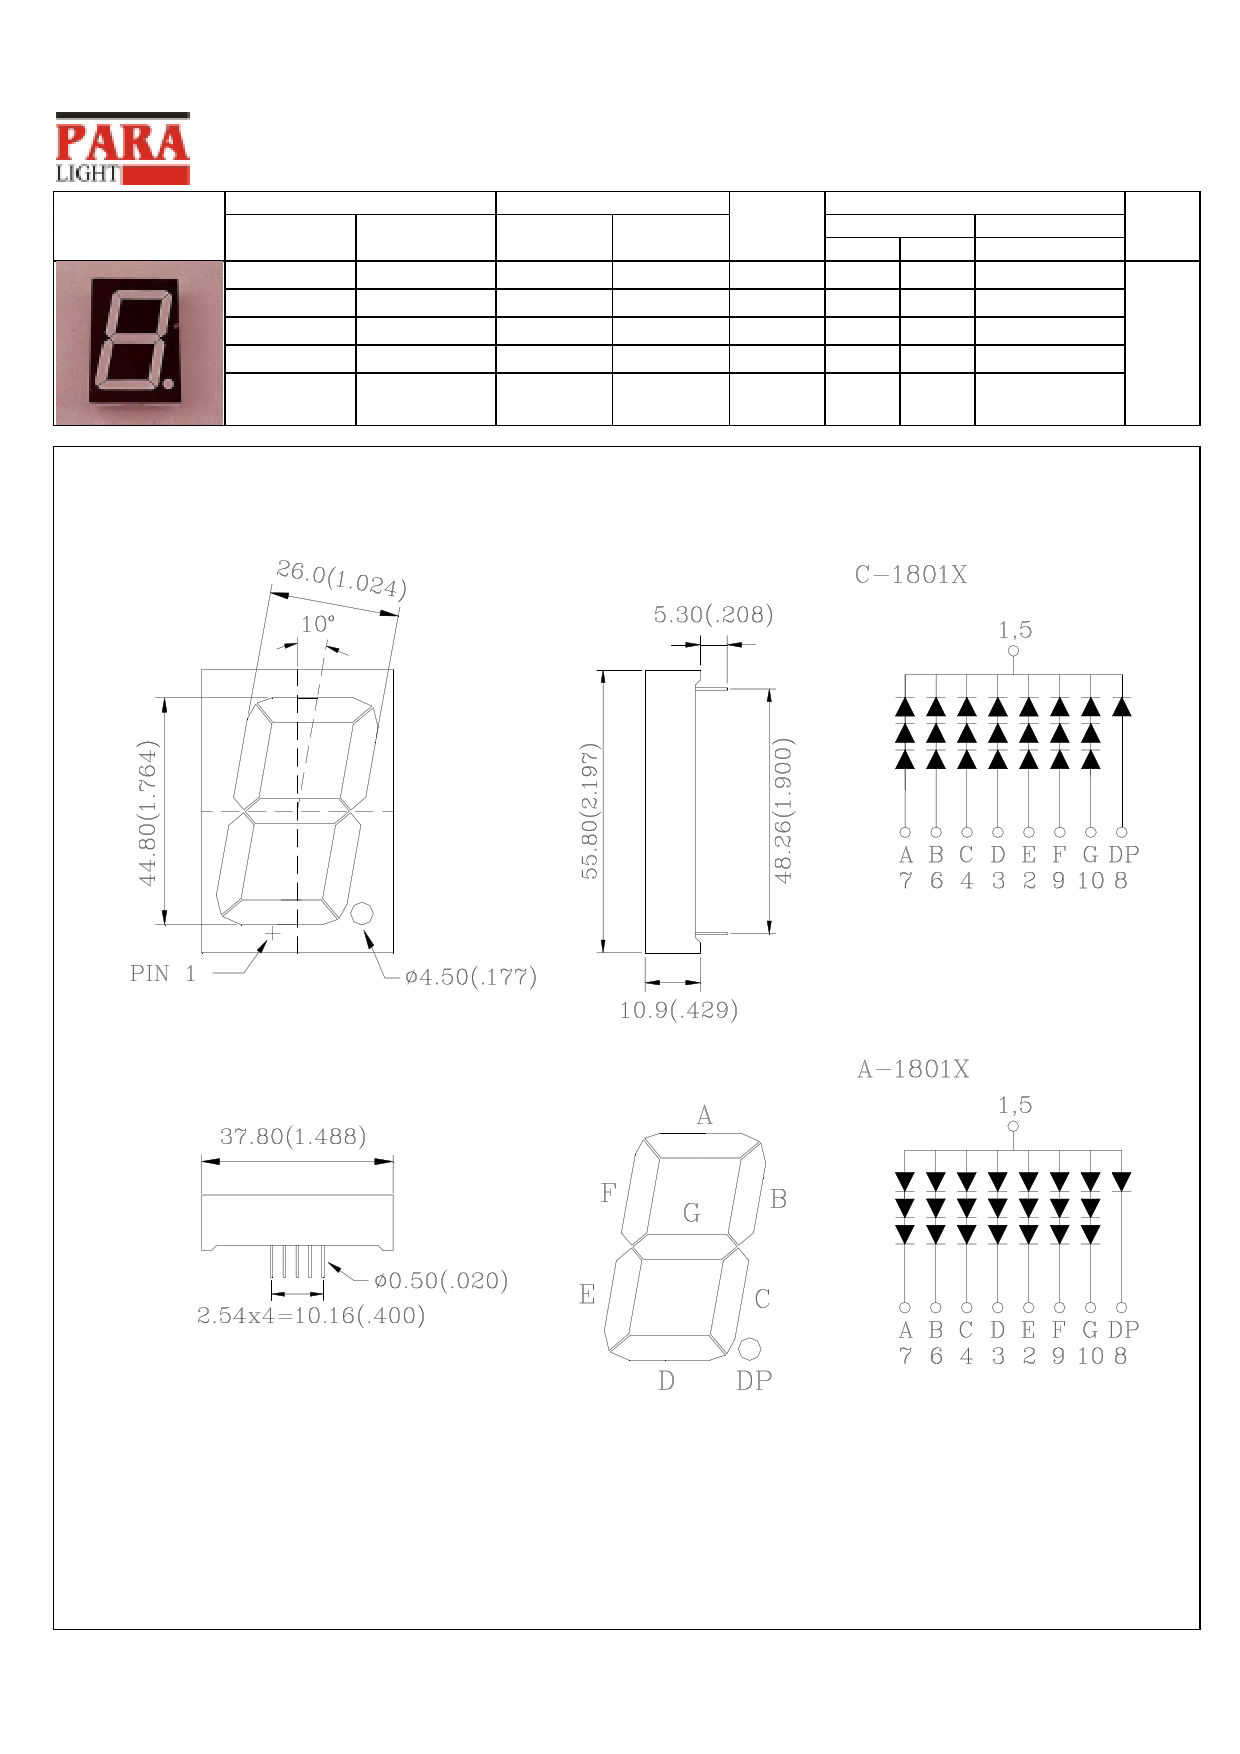 C-1801G Hoja de datos, Descripción, Manual